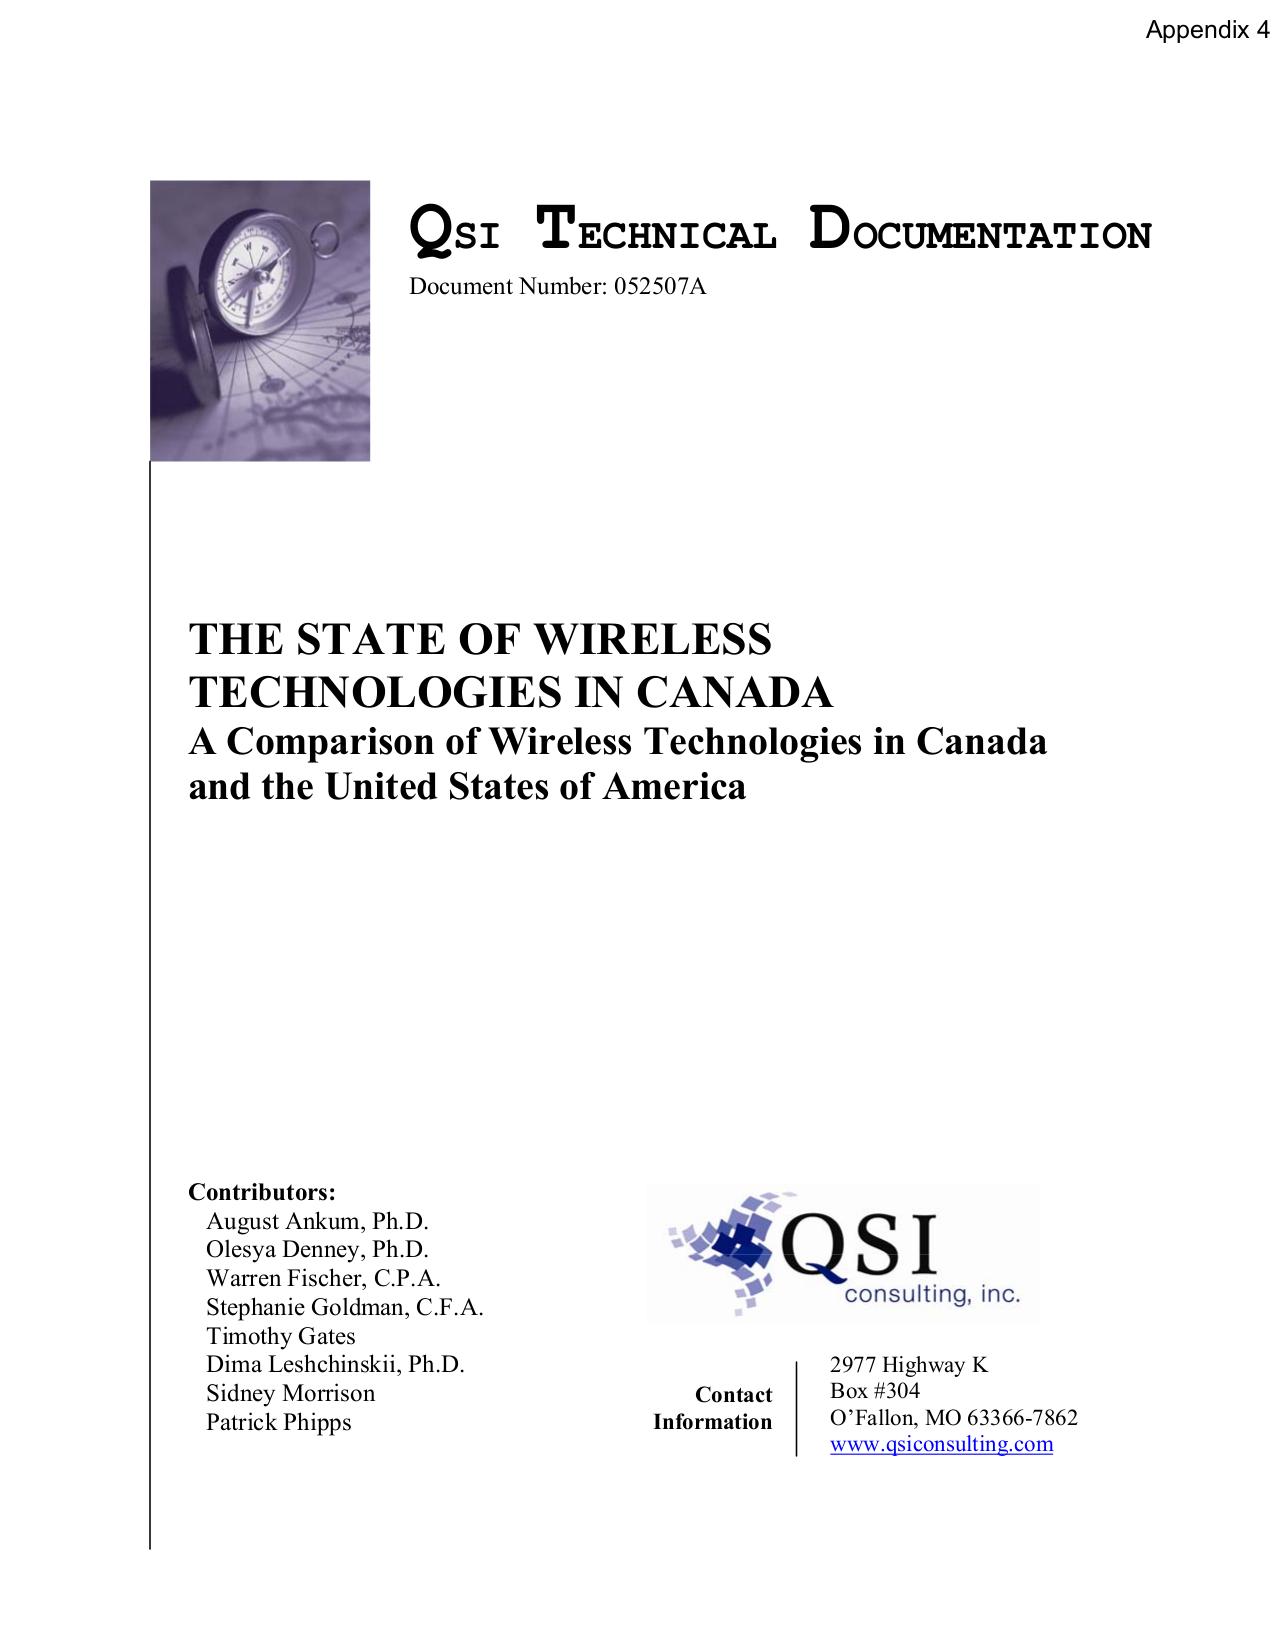 pdf for Utstar Cell Phone SideKick 3 manual